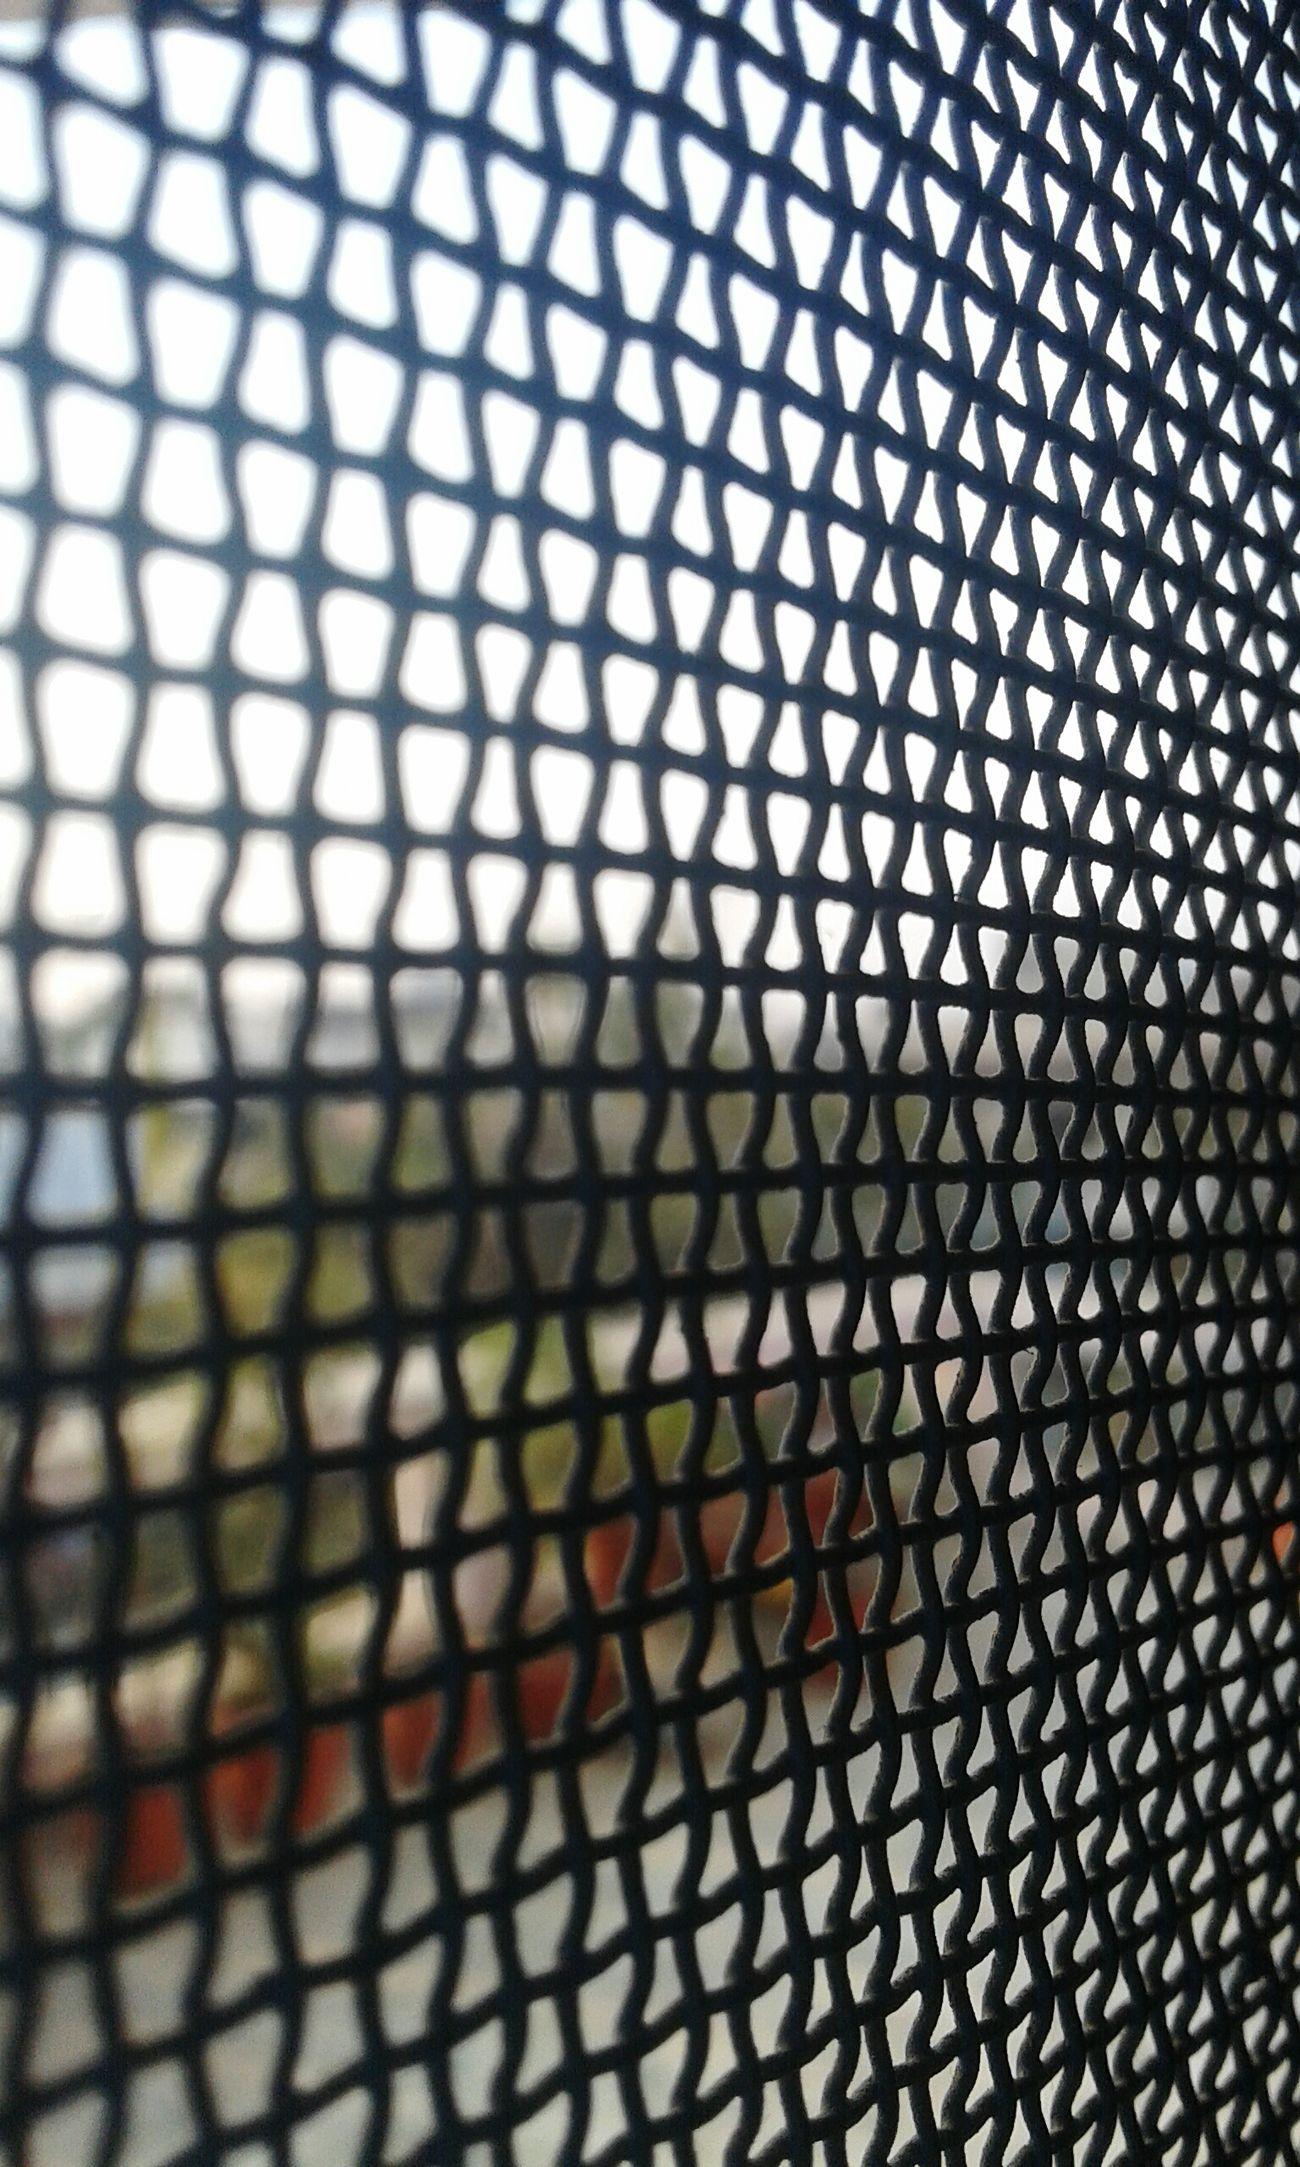 The Architect - 2016 EyeEm Awards Meshpics Mesh Wire Fence Captivity Capture Freedom World